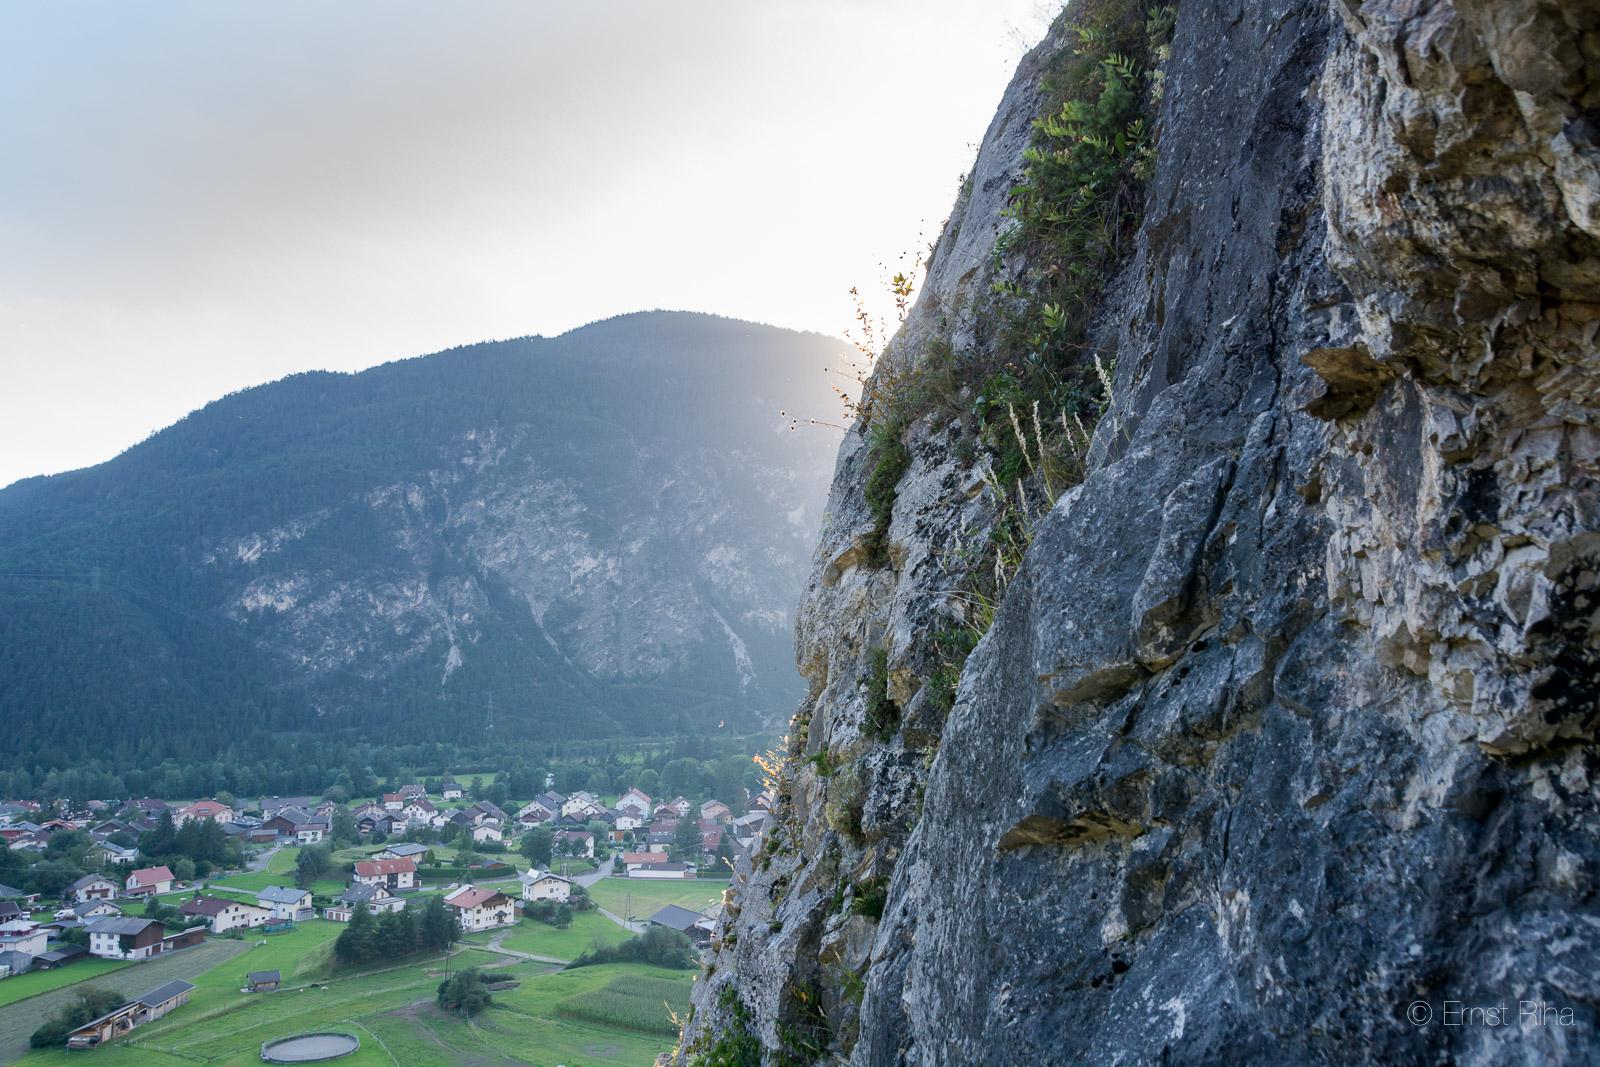 Blinzeln und warmen Fels unter den Sohlen